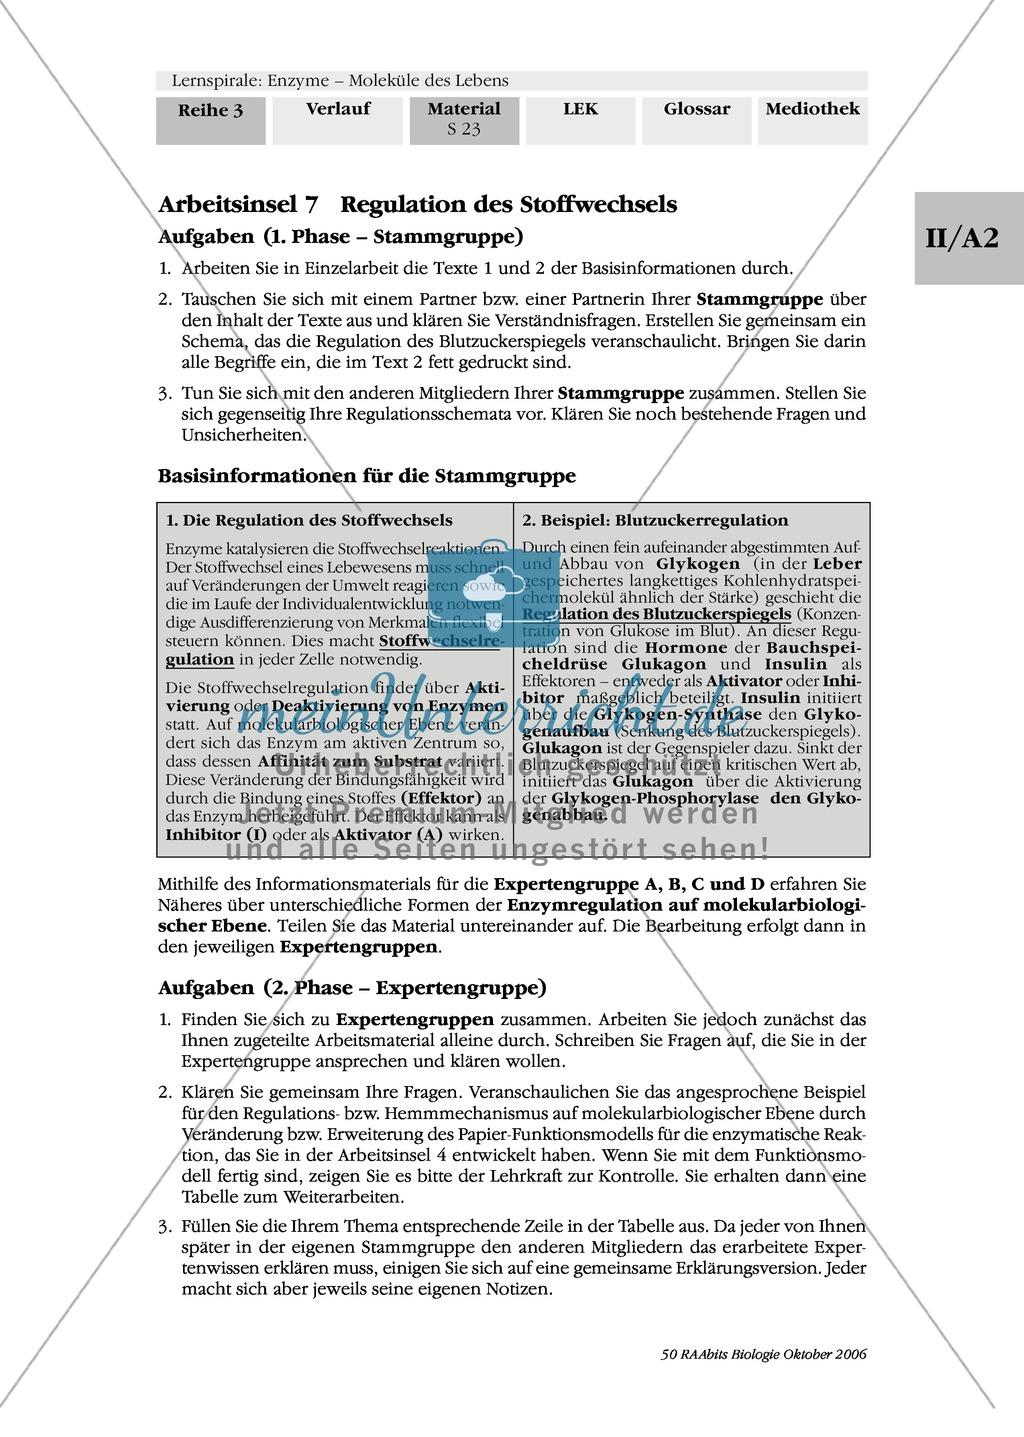 Enzyme: Arbeitsinseln zu den Themen Stoffwechsel, Enzymreaktionen, Hemmstoffe, Cofaktoren, Regulation Preview 16